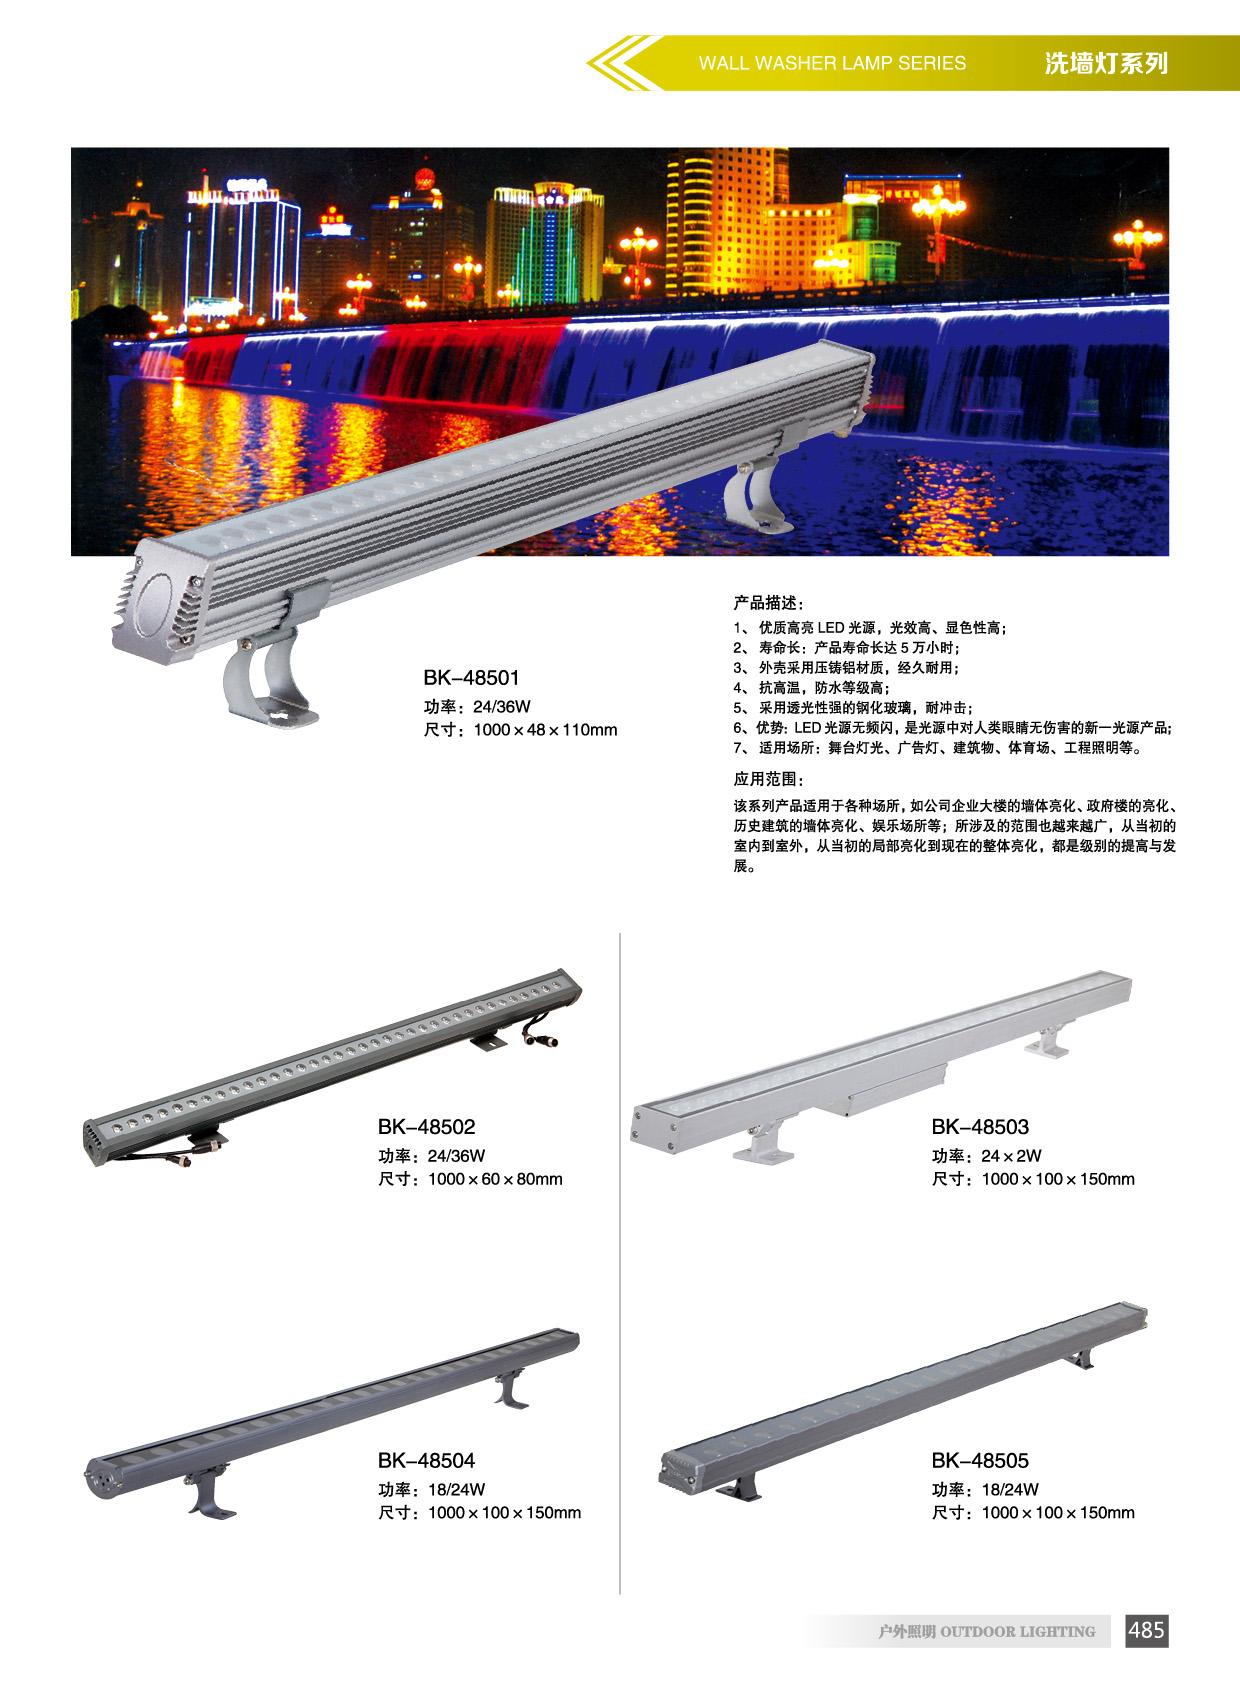 LED洗墙灯厂家,古镇LED亮化产品生产厂家、LED产品、洗墙灯、洗墙投光灯、楼梯亮化